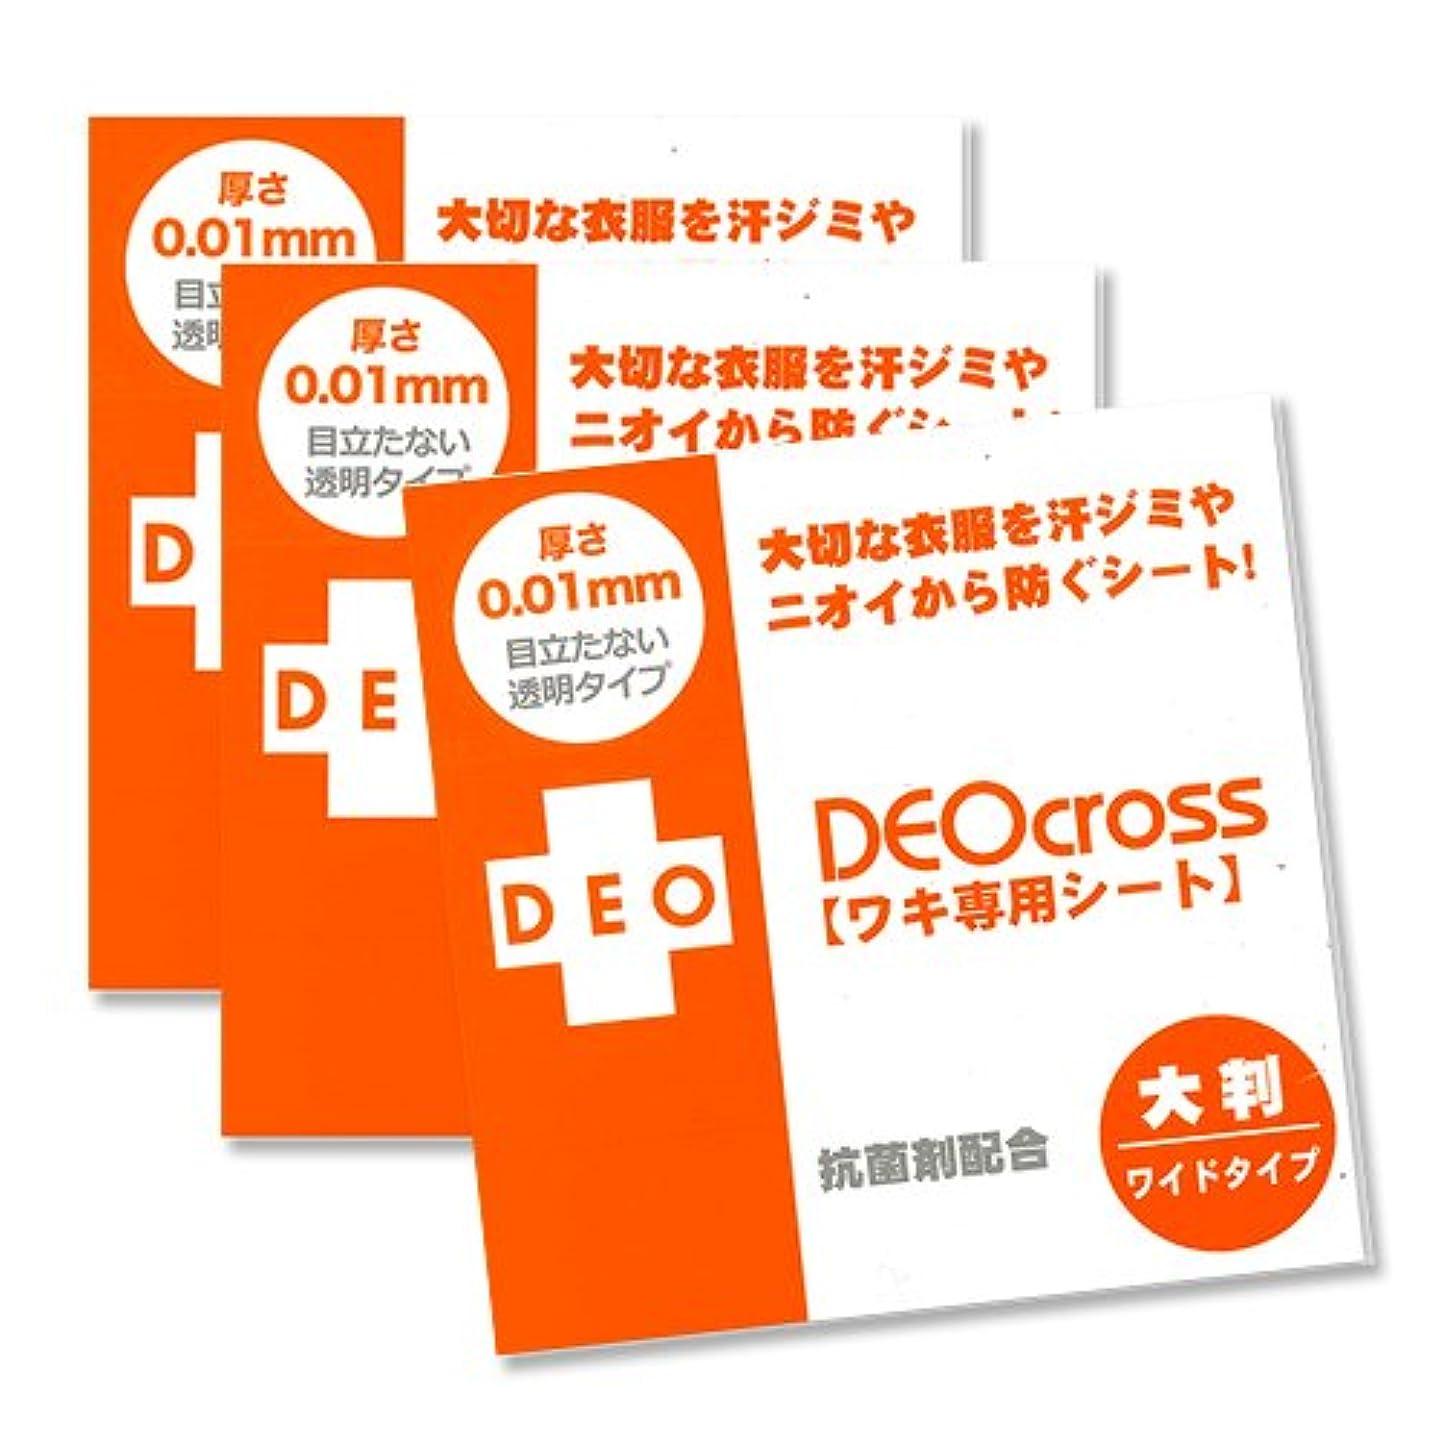 お手入れ迅速デンプシー【ワキ専用シート】 デオクロス Deo Cross ワイドタイプ (50枚入りx3個セット)